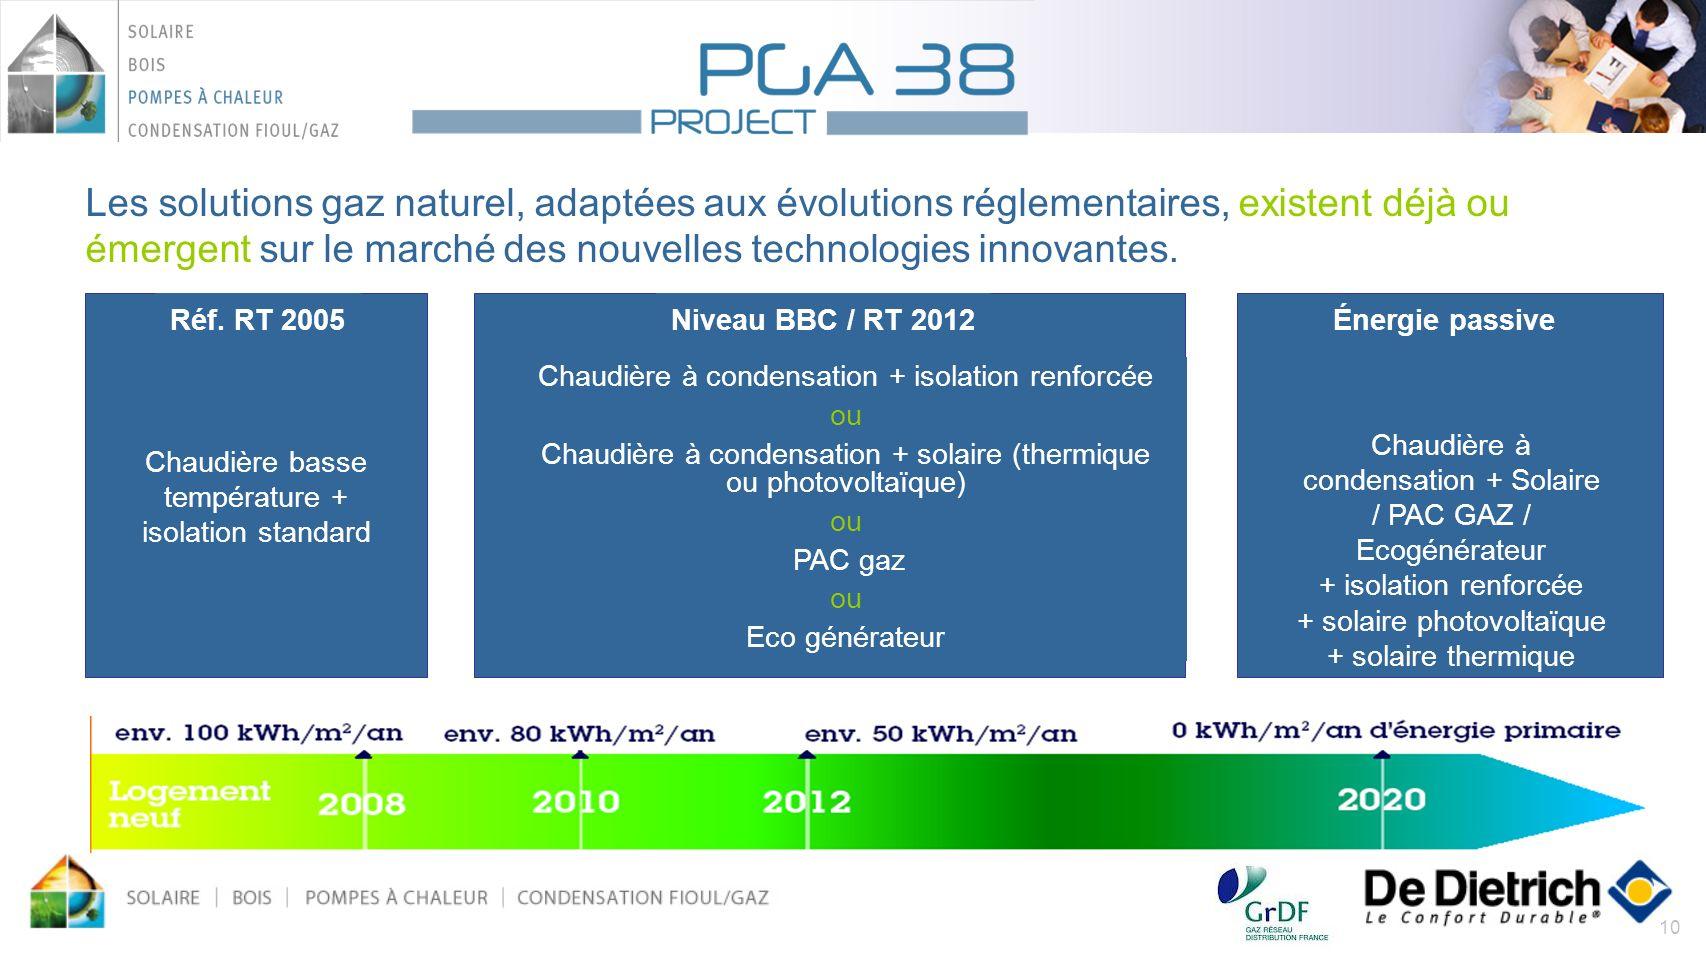 10 Niveau BBC / RT 2012 Chaudière à condensation + isolation renforcée ou Chaudière à condensation + solaire (thermique ou photovoltaïque) ou PAC gaz